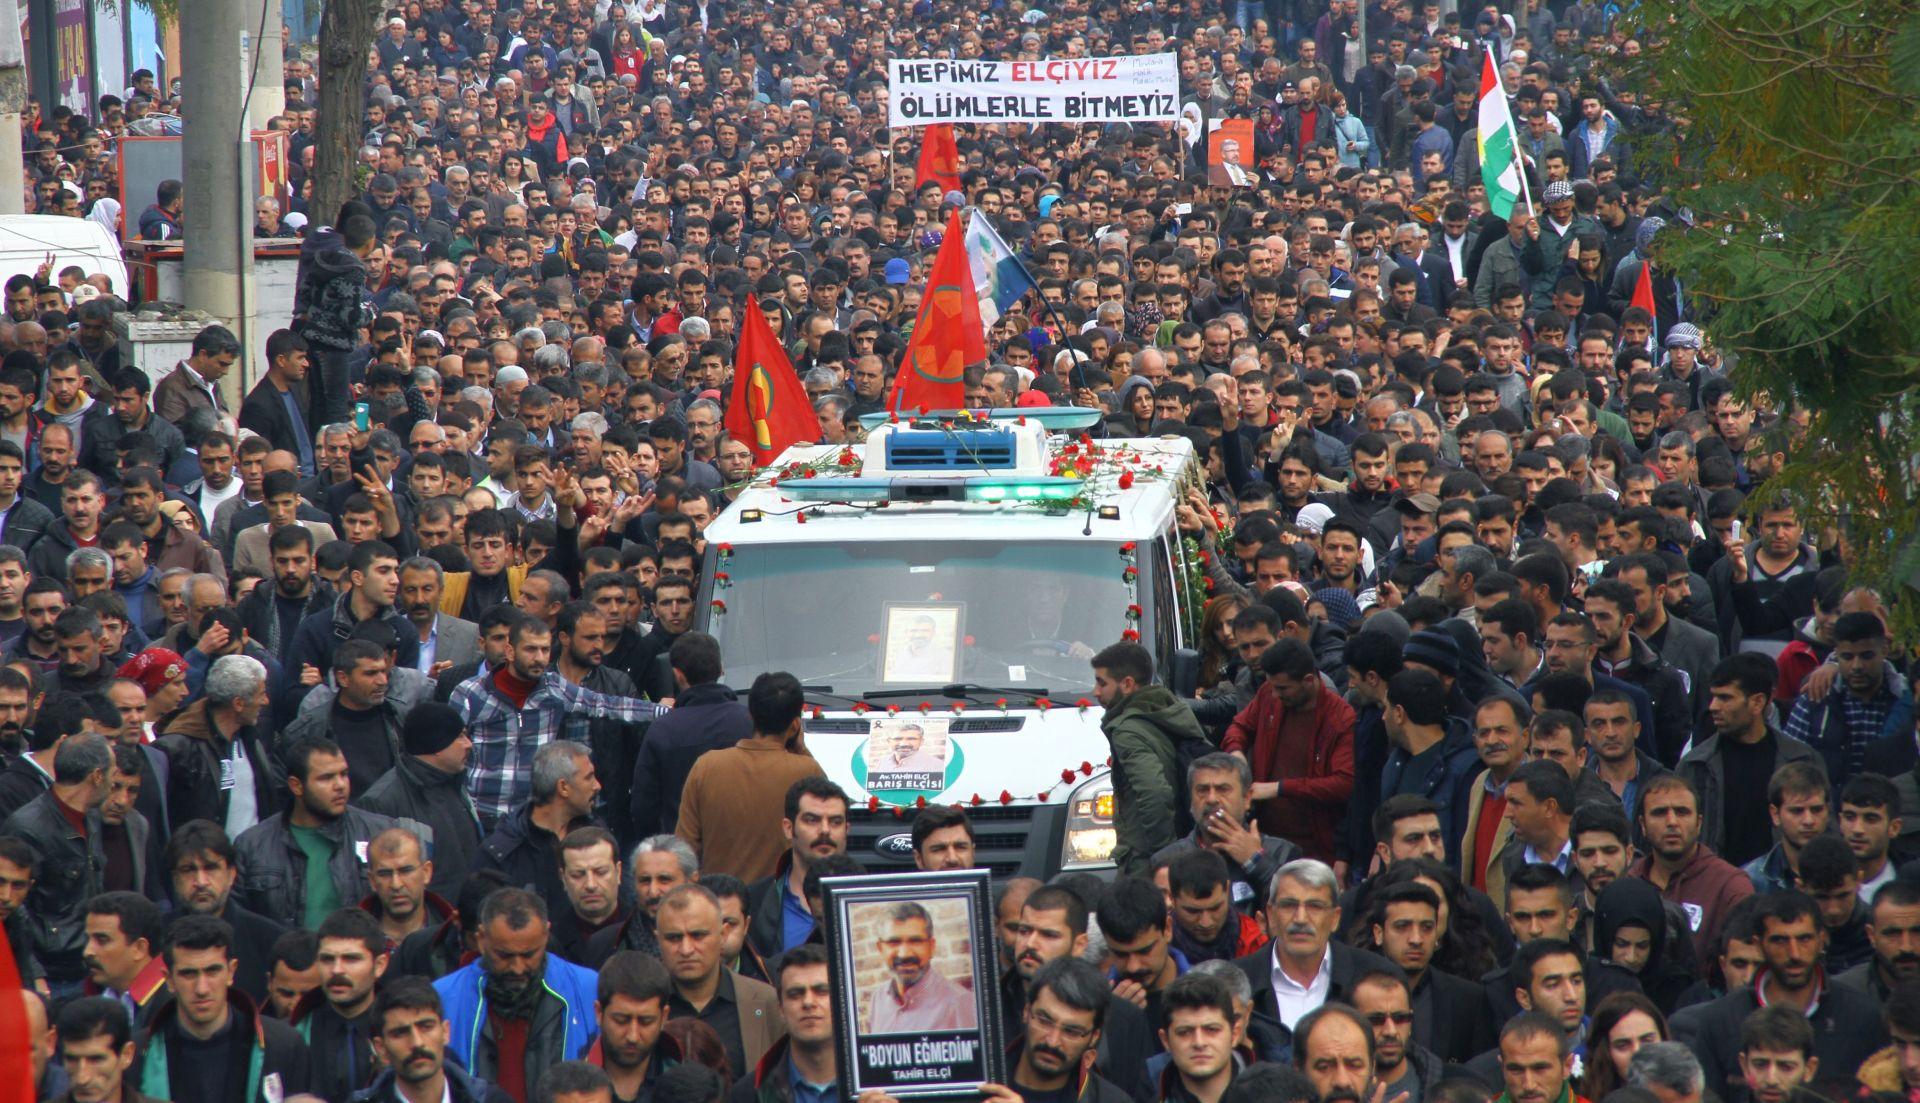 NAPADI U DIYARBAKIRU: Na pogrebu kurdskog odvjetnika u Turskoj tisuće ljudi